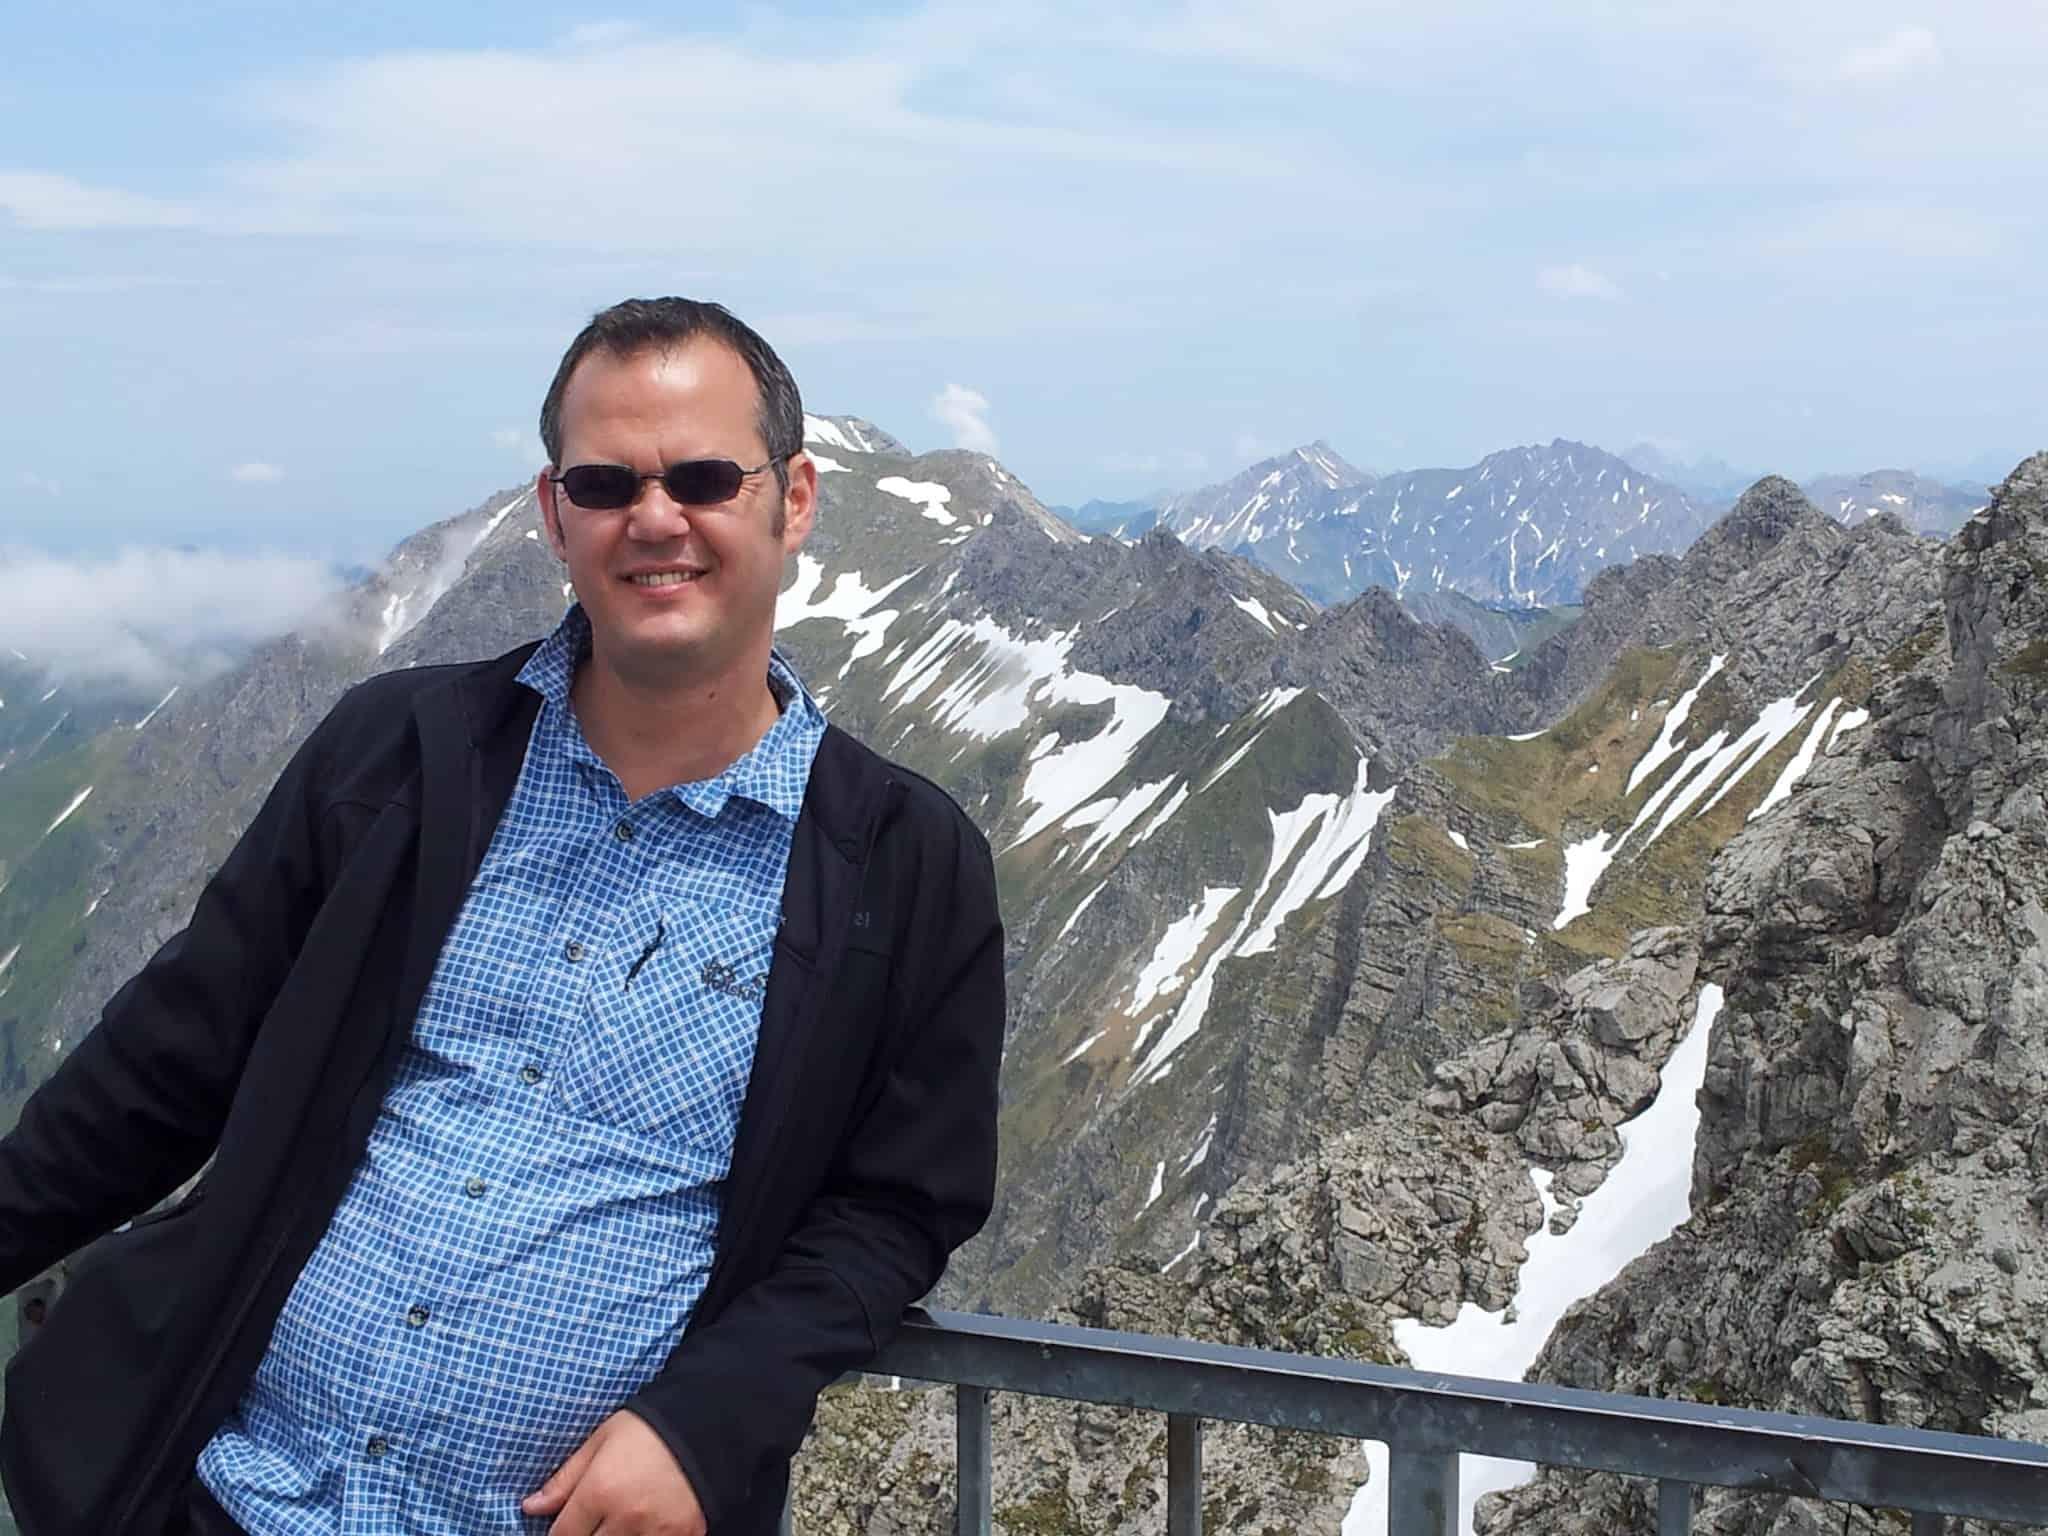 Urlaub in Oberstdorf – Tag 1: Nebelhorn und Dampfbierbrauerei